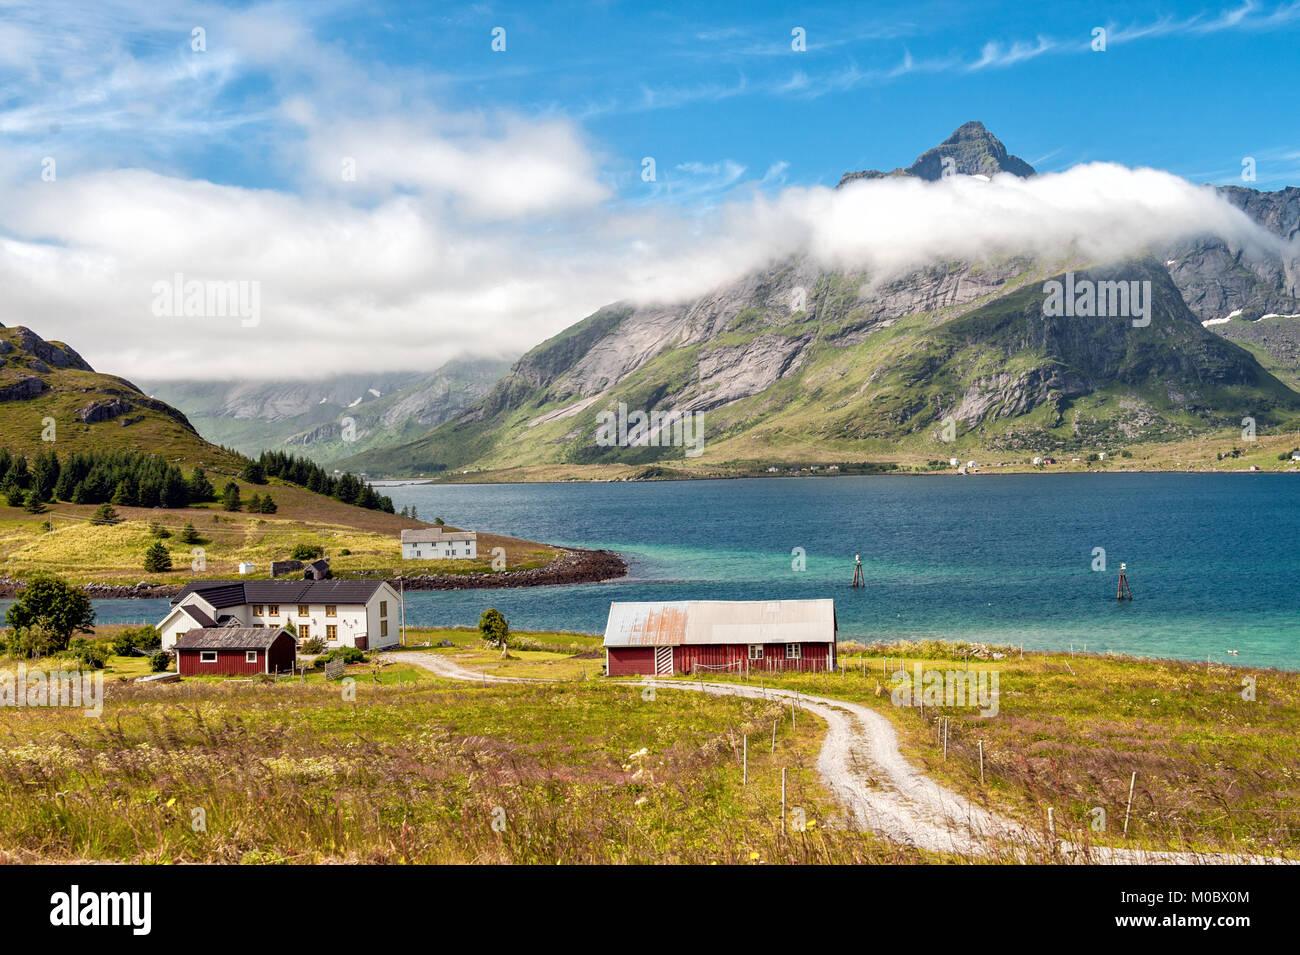 Los edificios de la granja tradicional en el paisaje costero en las islas Lofoten, en el norte de Noruega. Lofoten Imagen De Stock